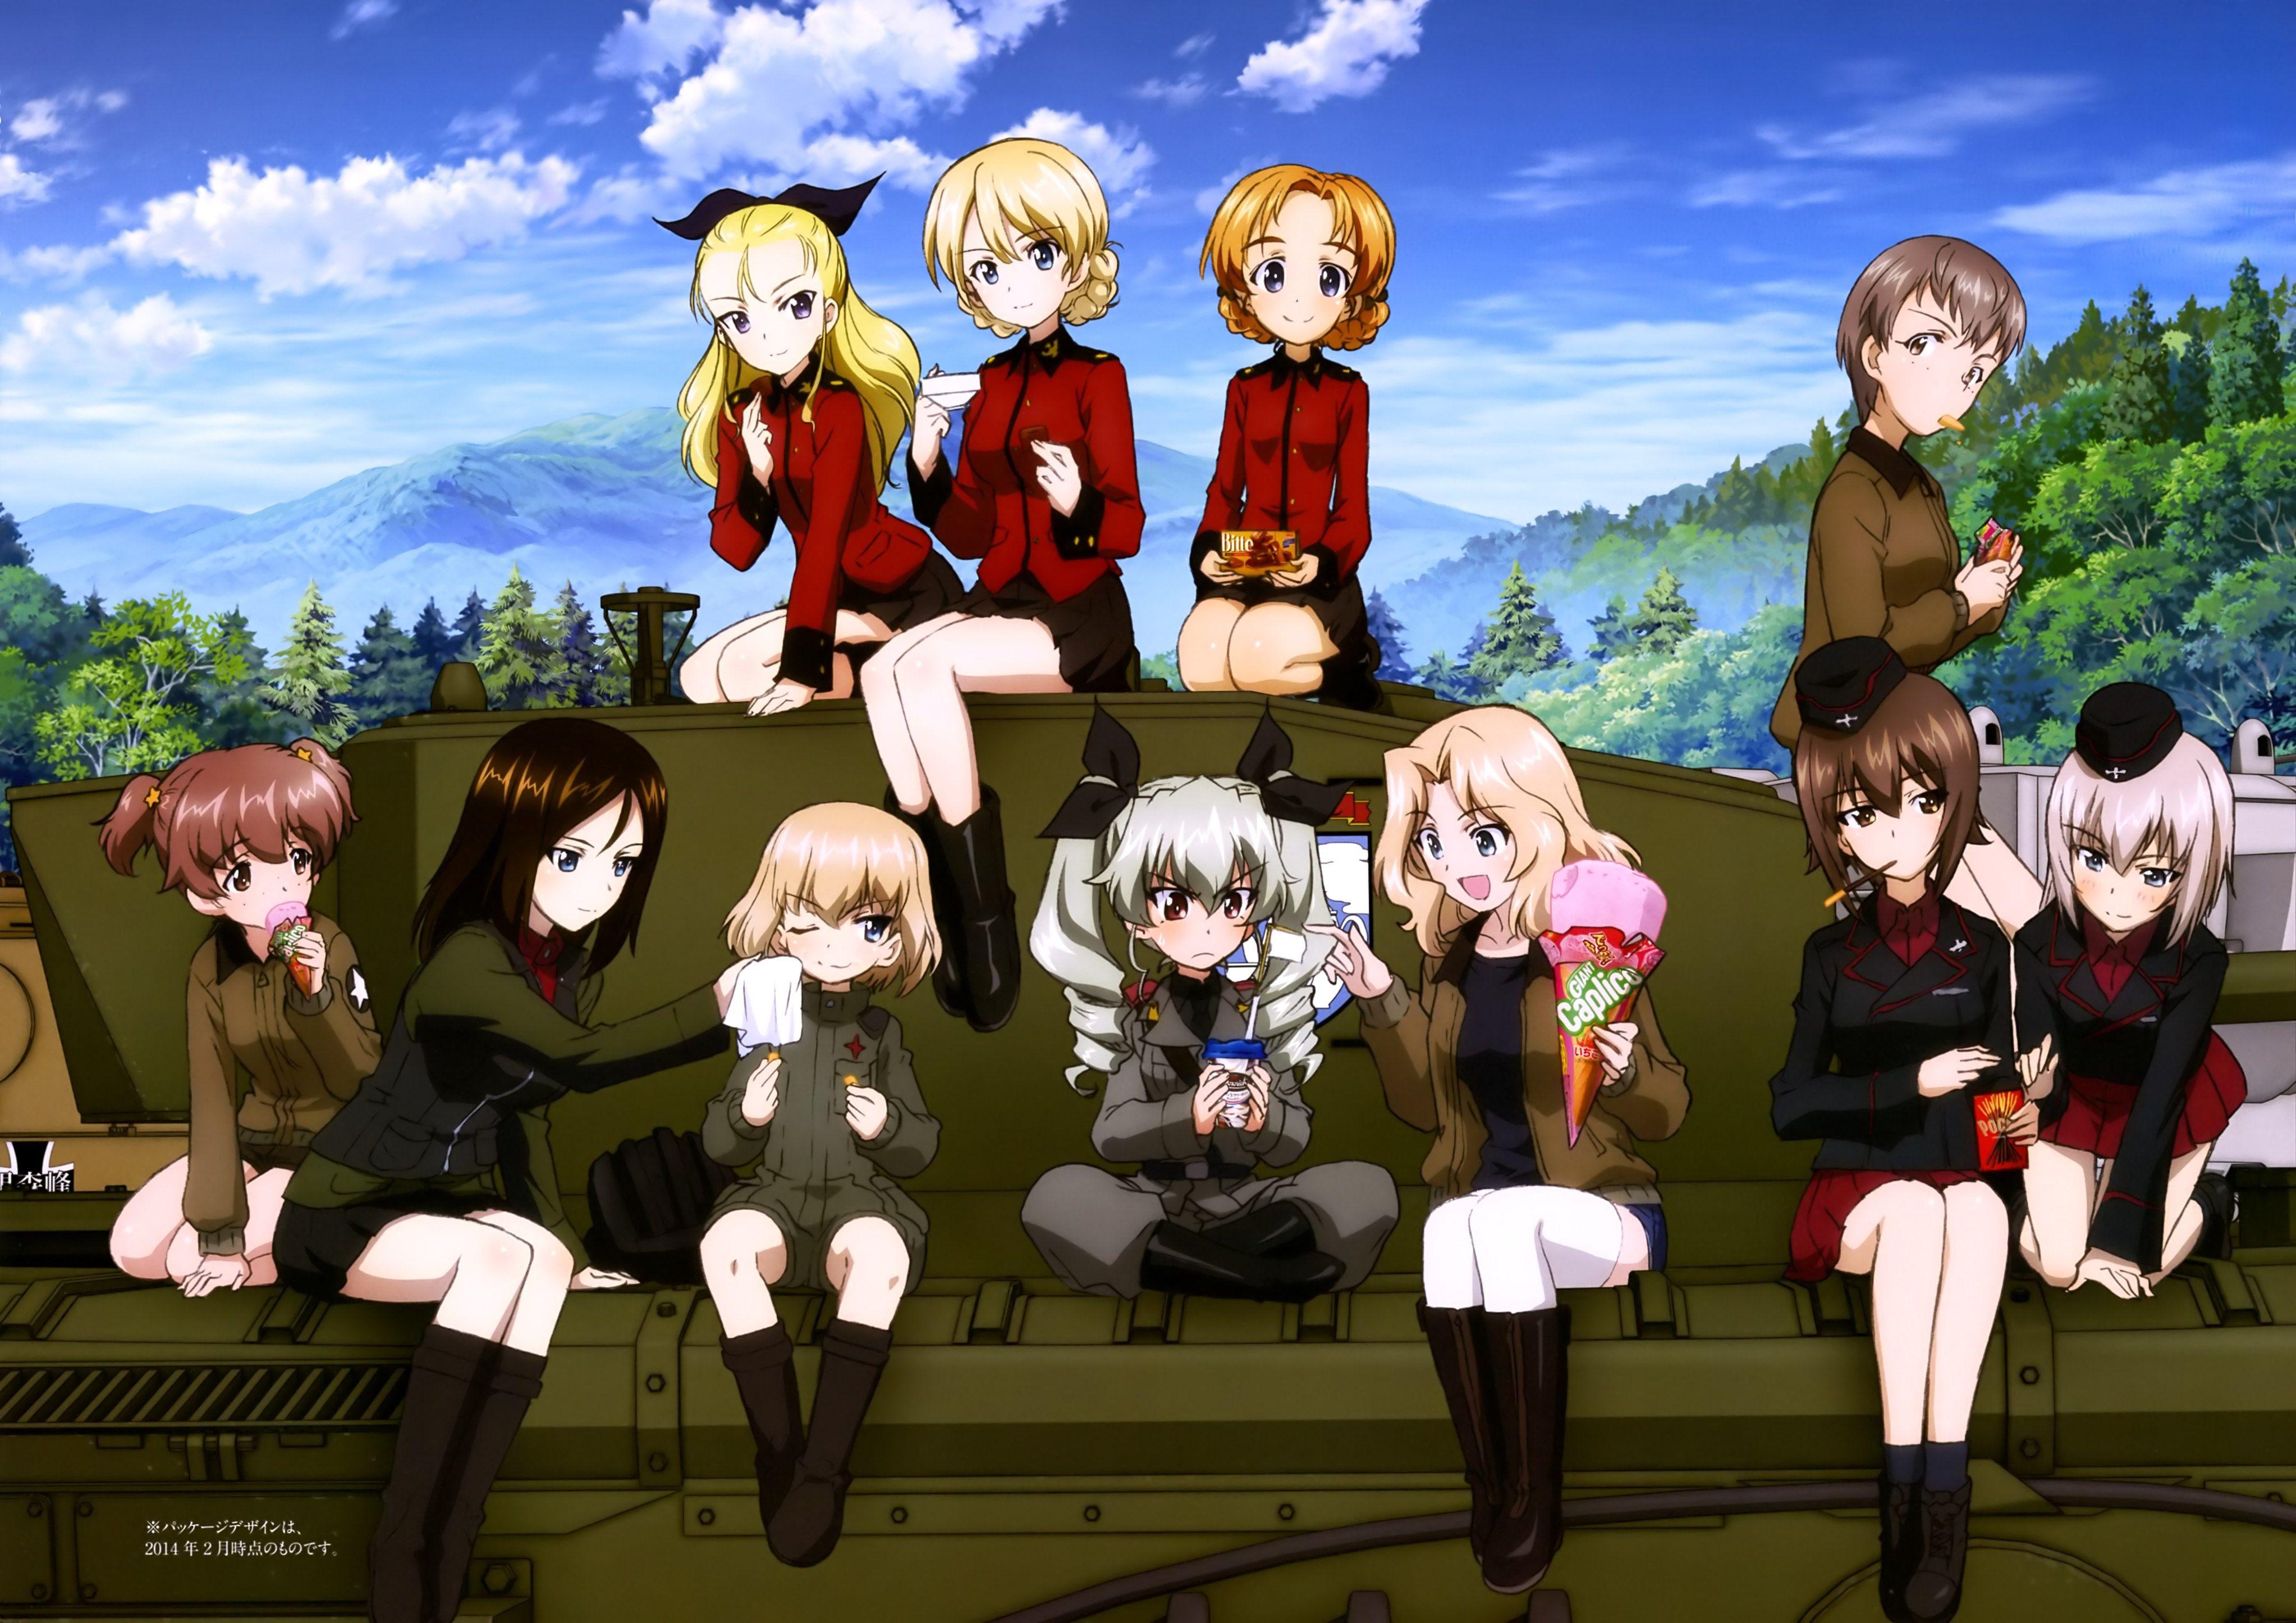 4k Wallpaper Girls Und Panzer 4091x2891 アニメイラスト アニメ